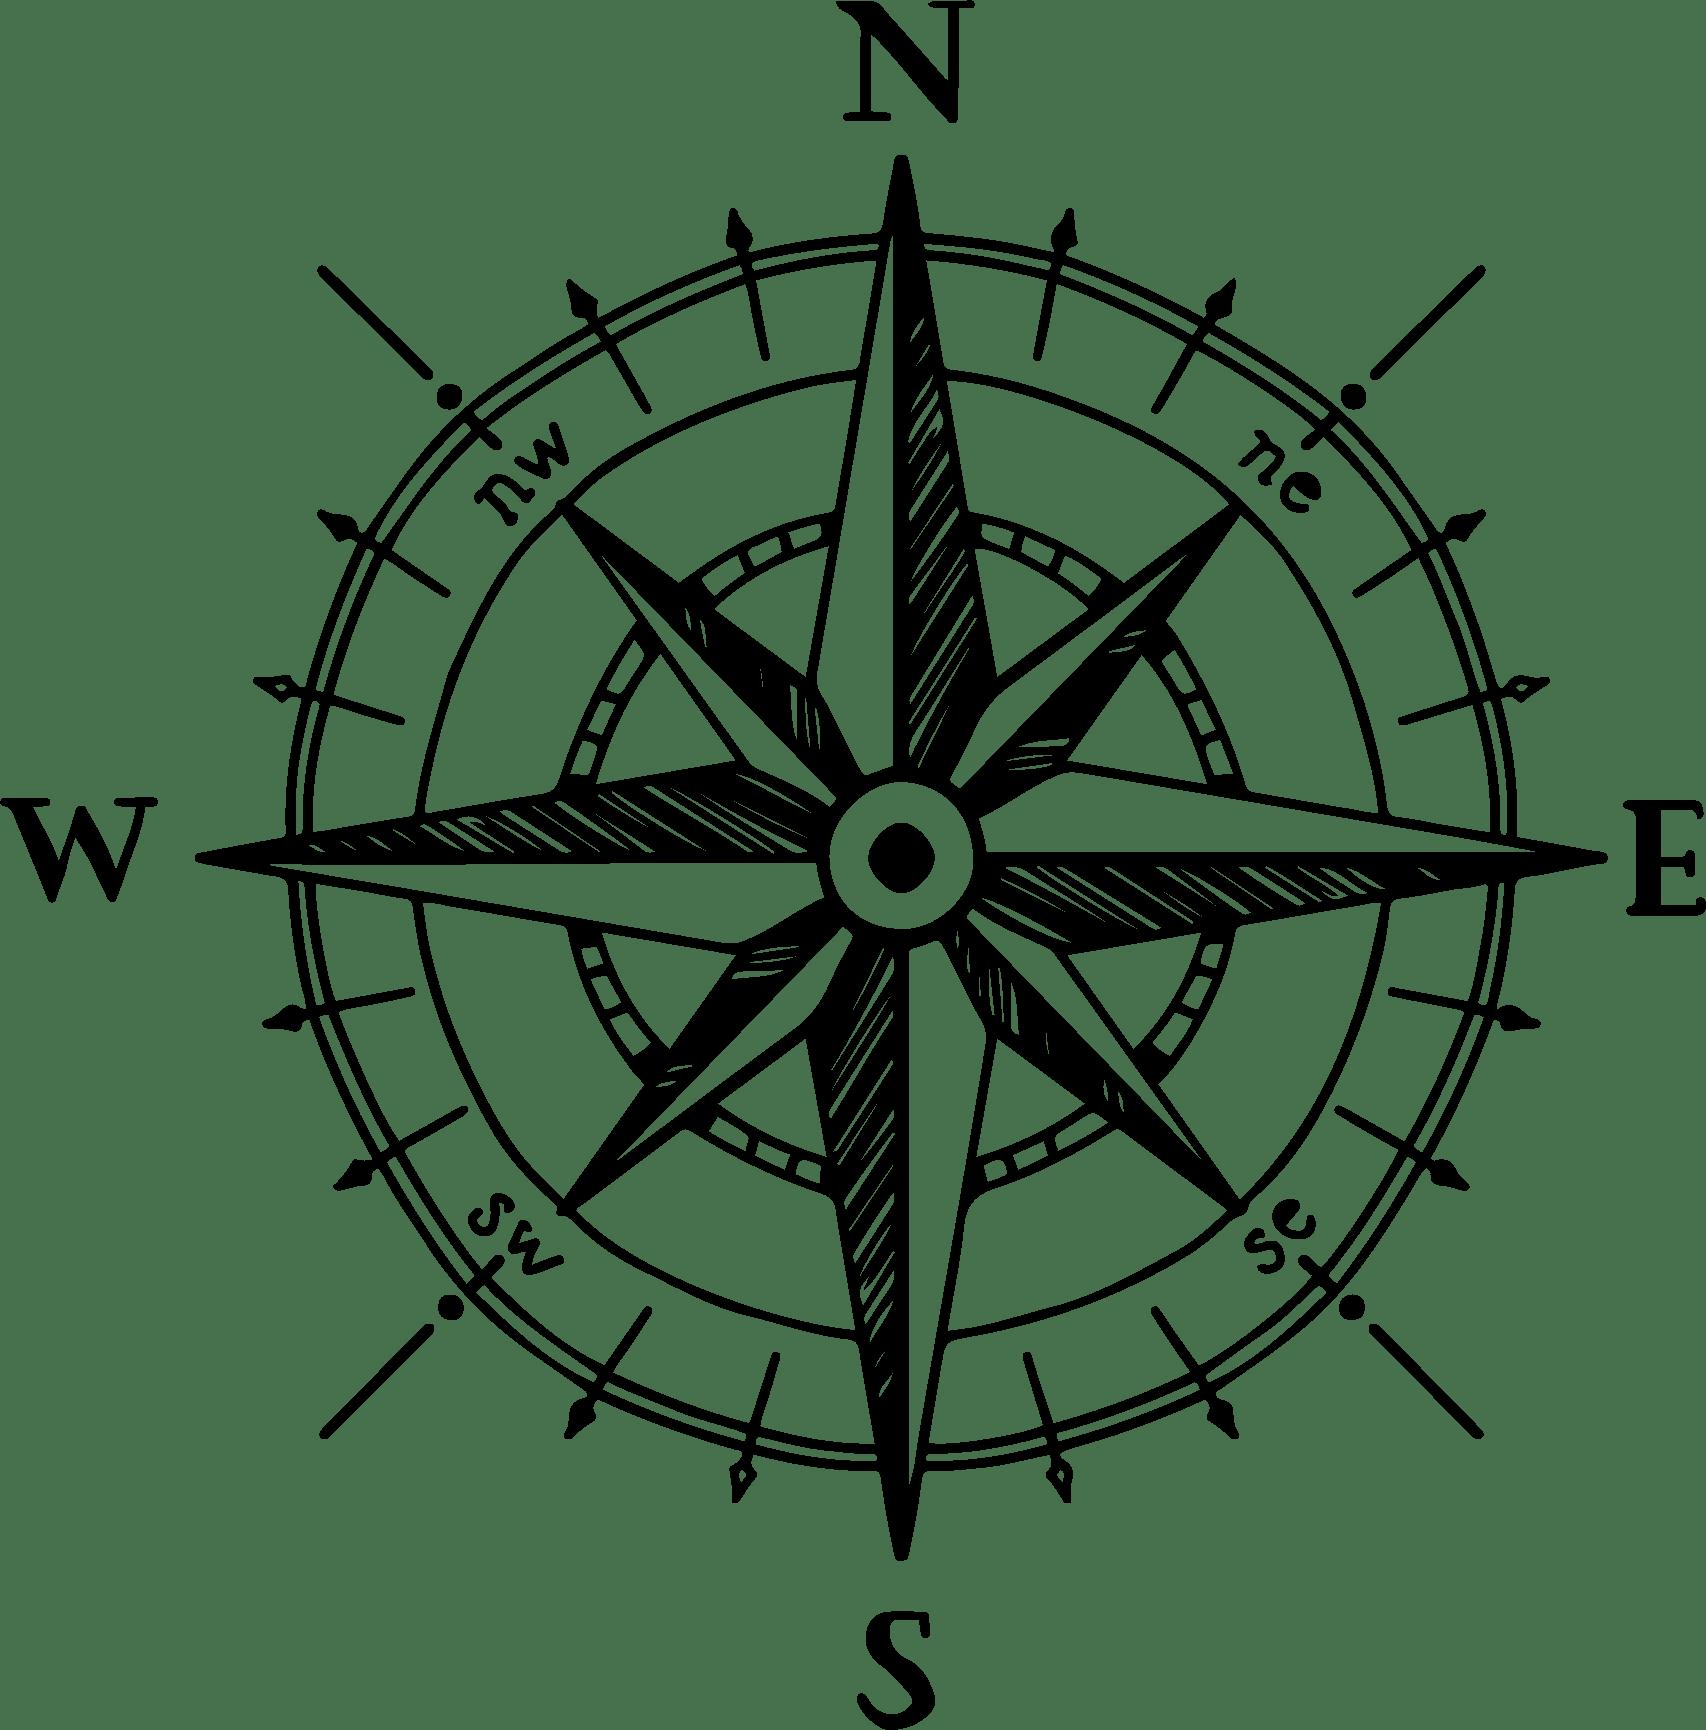 Explorer Clipart Compass Rose Explorer Compass Rose